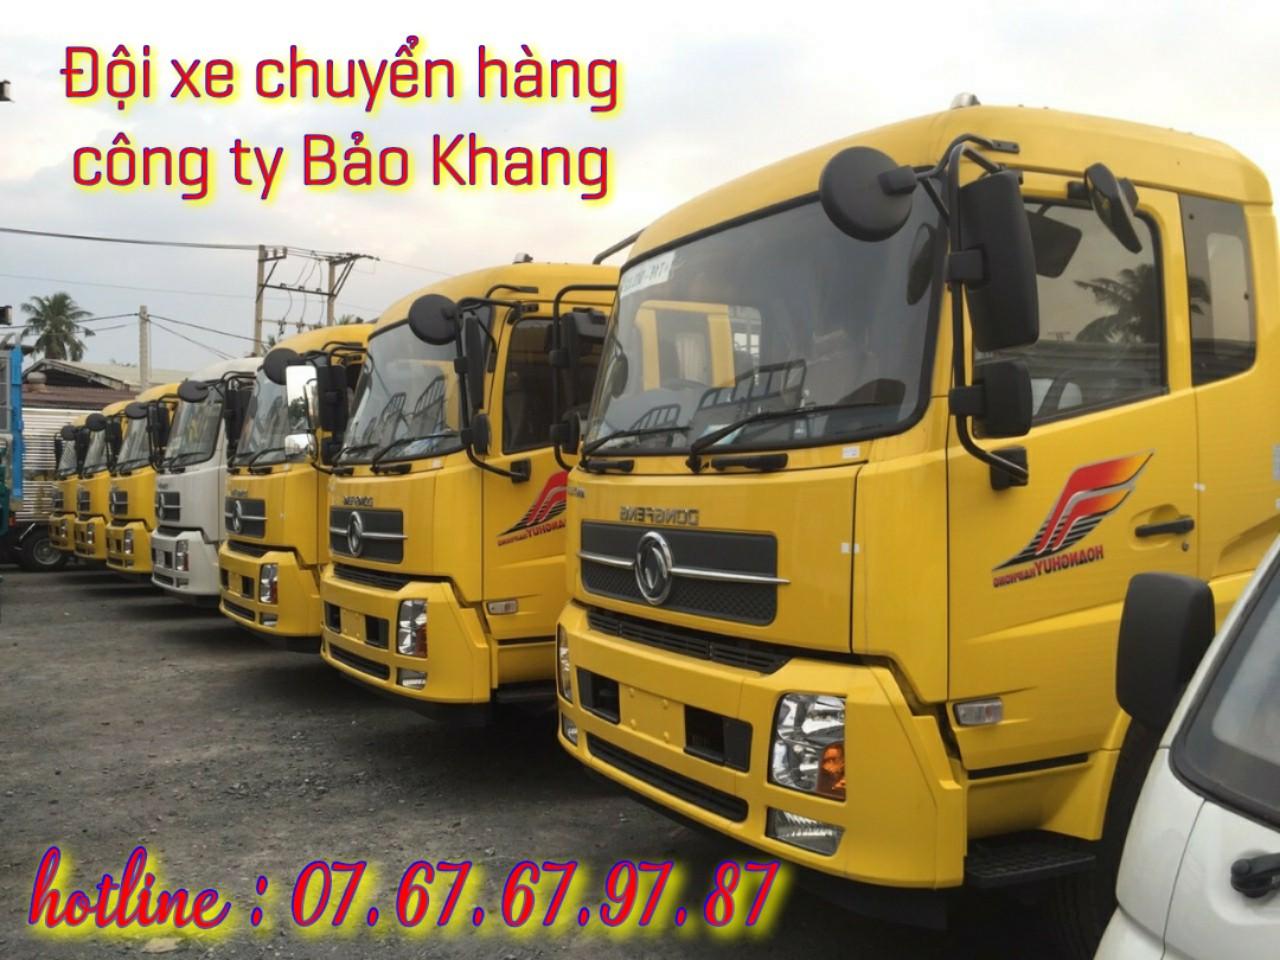 Xe Chuyển Hàng Đà Nẵng đi Lâm Đồng